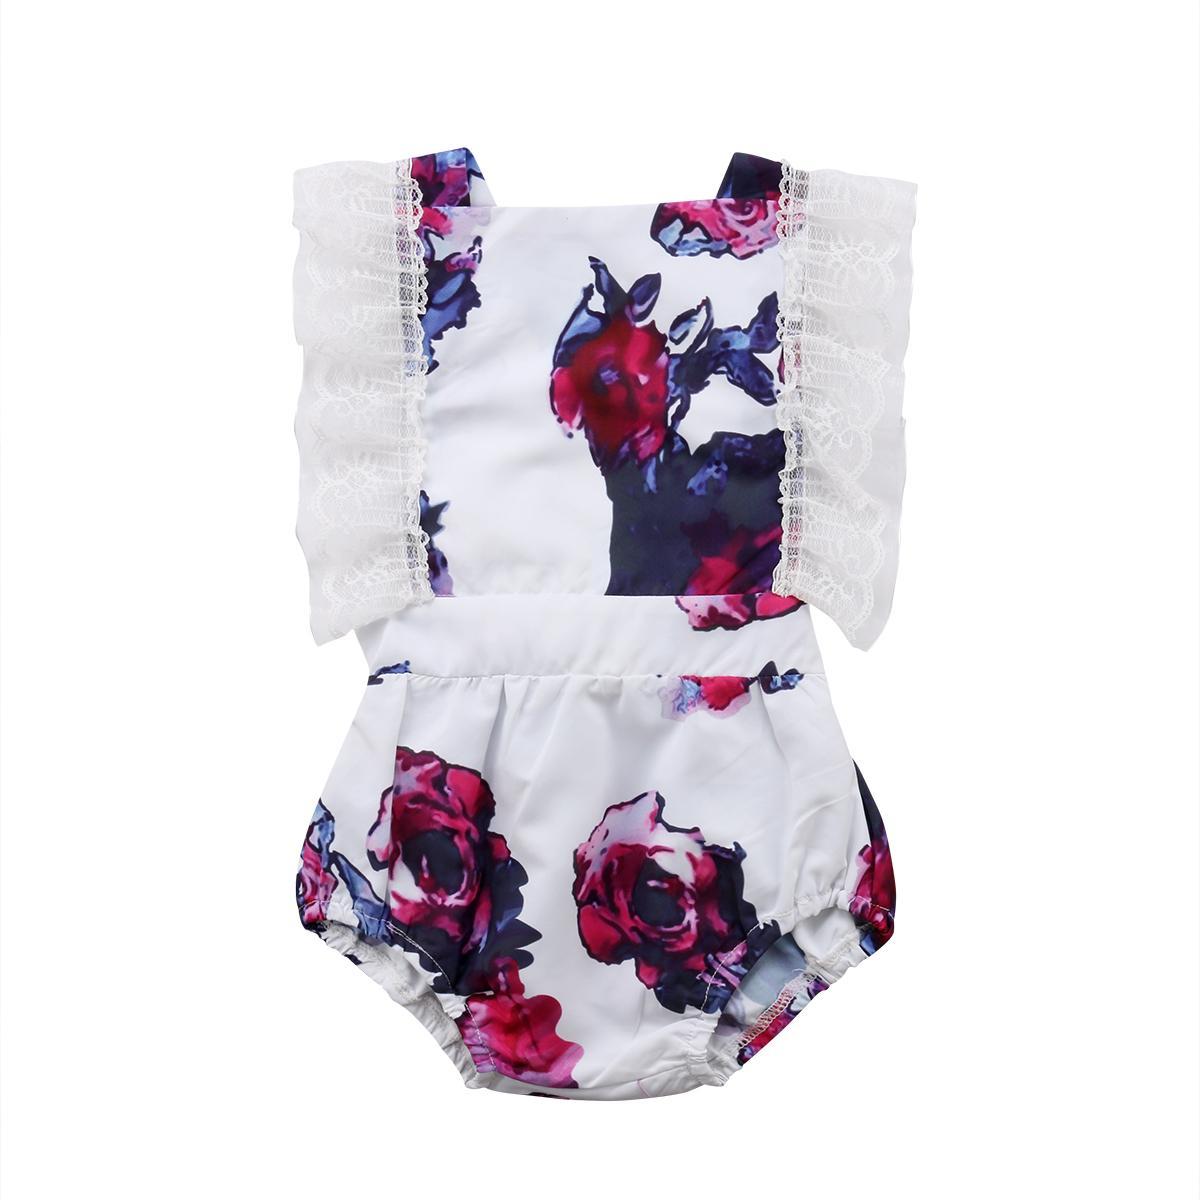 Enfant nouveau-né costume bébé Floral Romper Body manches Jumpsuit Tenues Vêtements Sunsuit